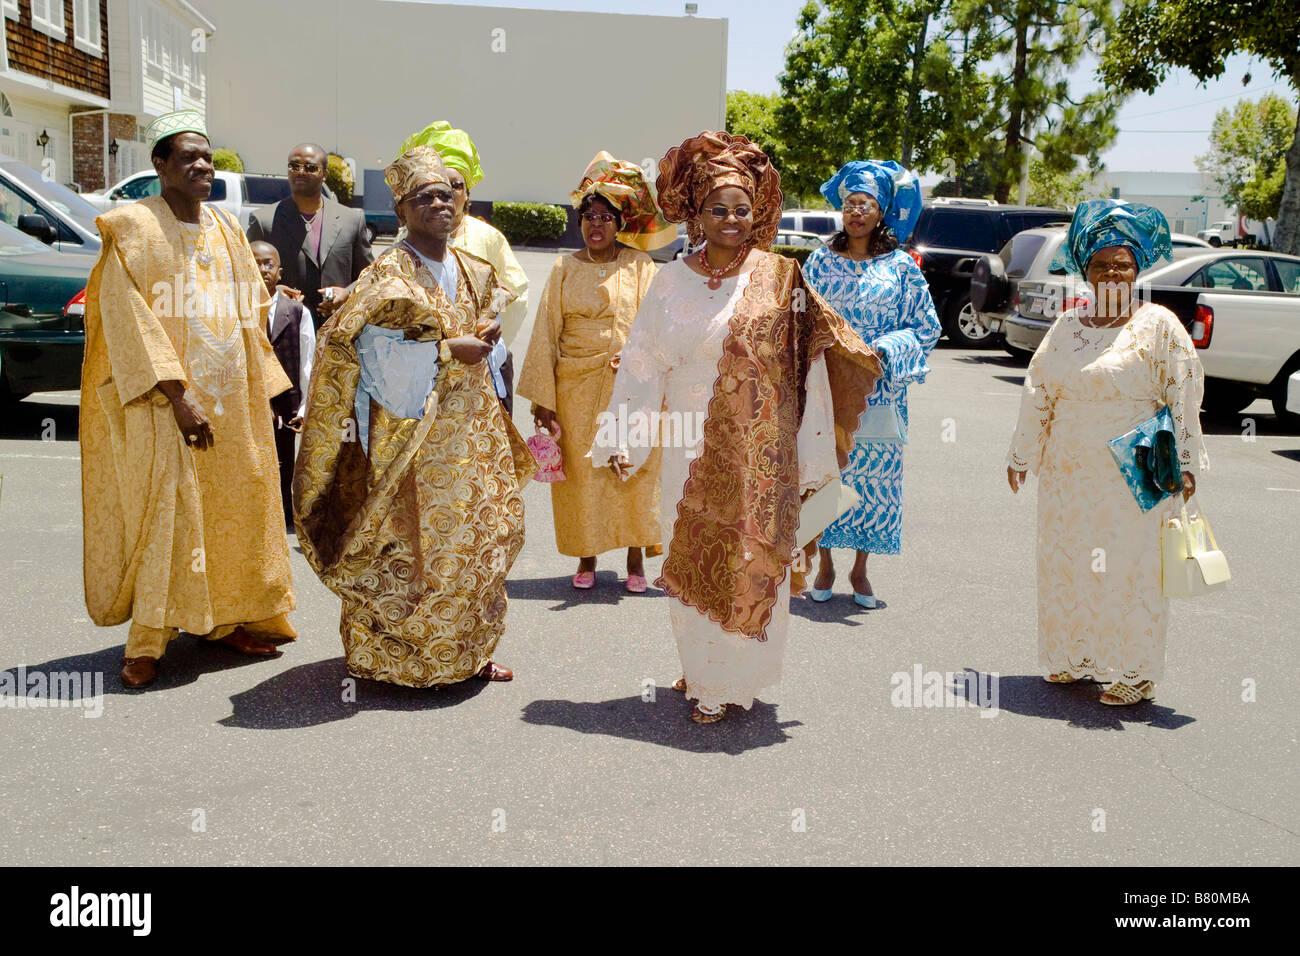 Vêtus de robes de cérémonie la de la tribu Yoruba du Nigéria les clients  arrivent à une race mixte mariage à Santa Ana California USA